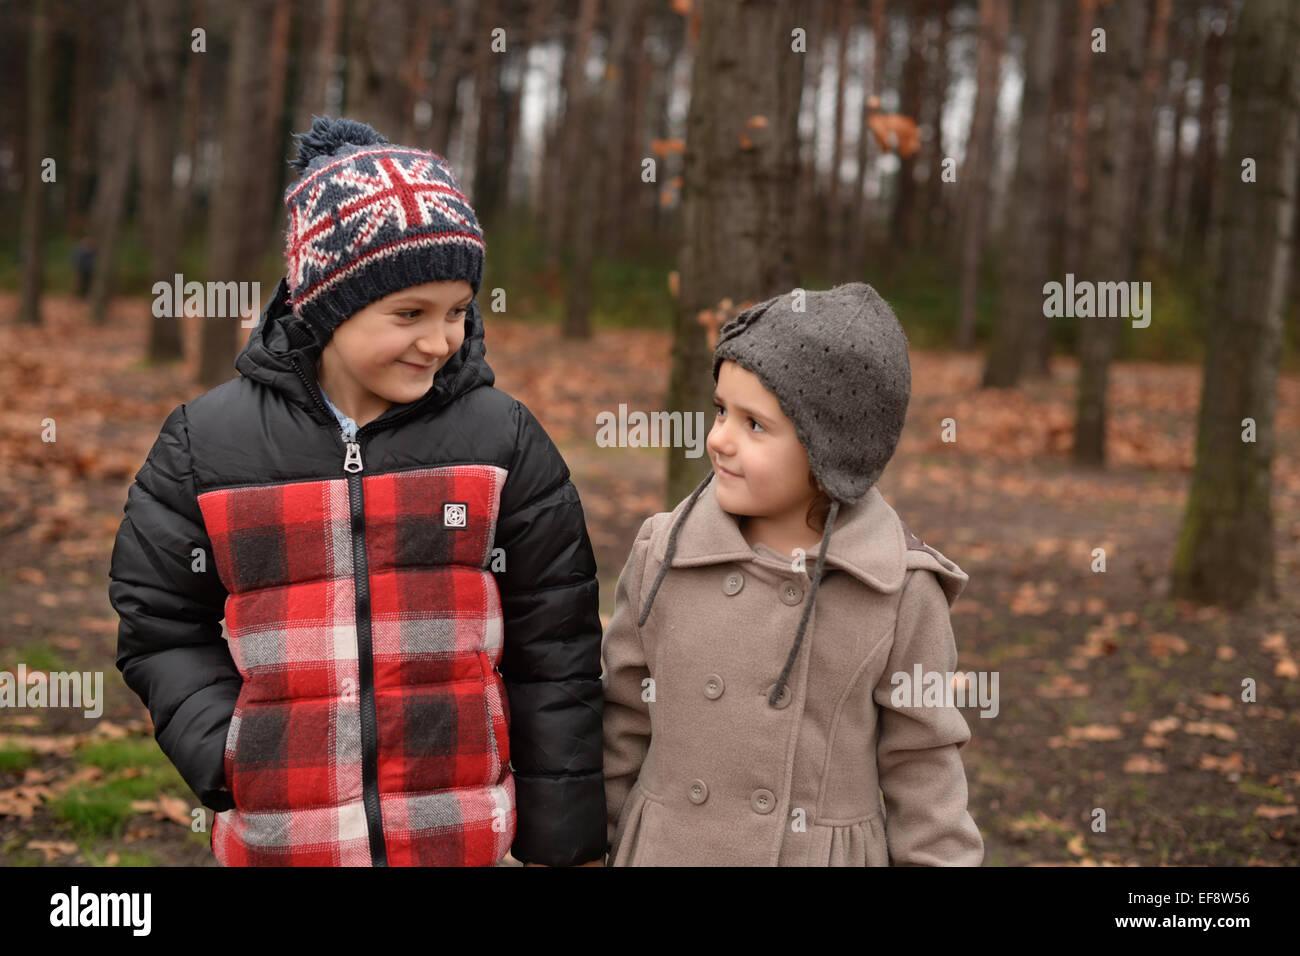 Frère et soeur (6-7) (4-5) walking in forest Photo Stock